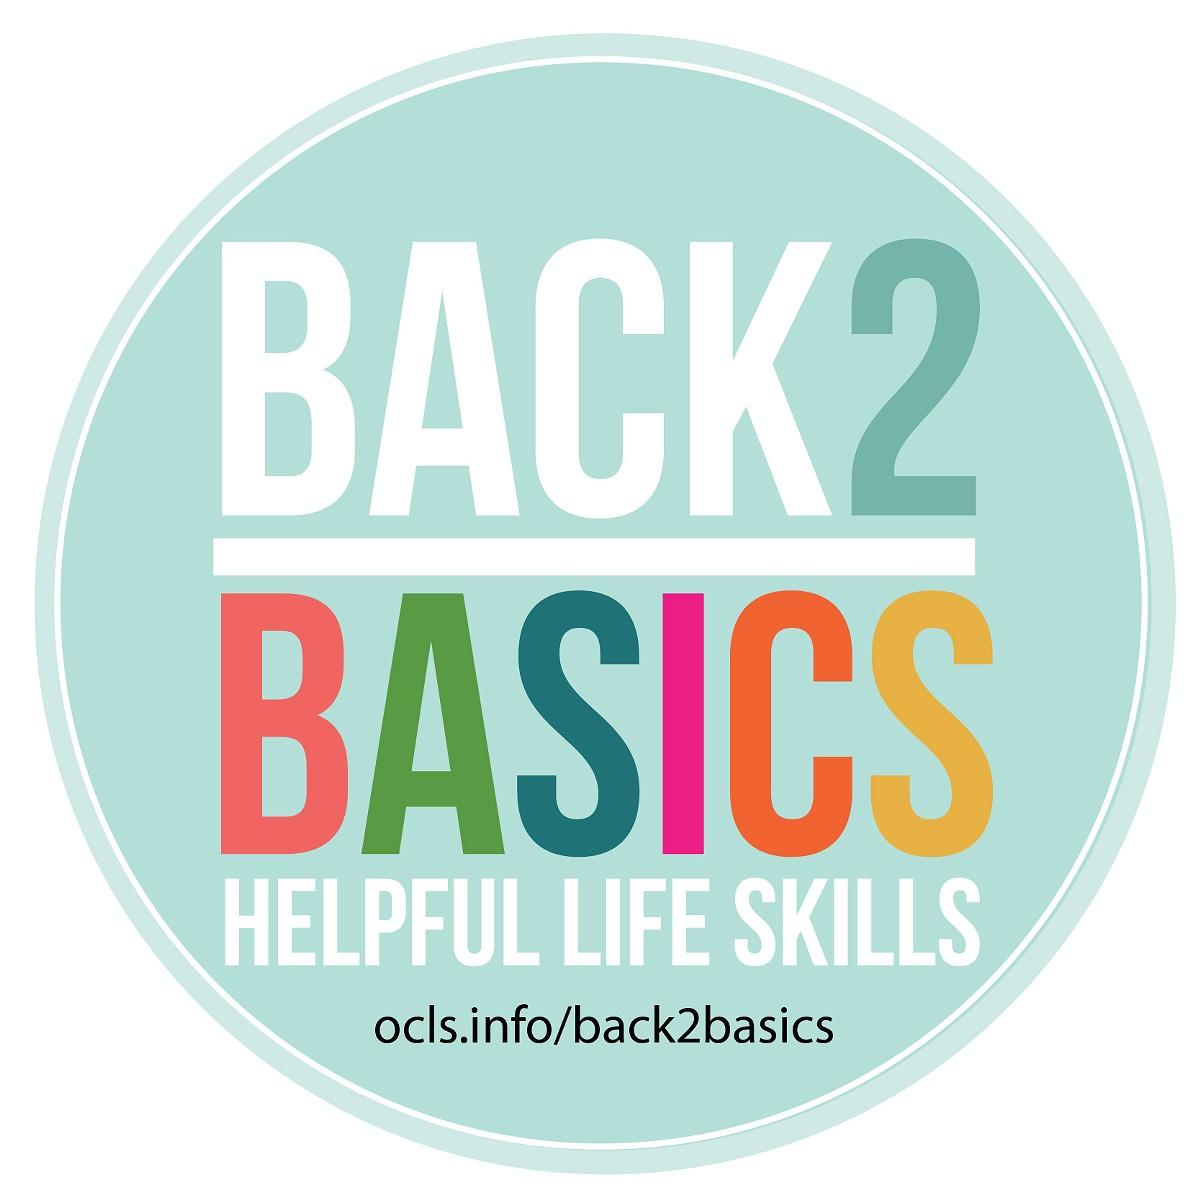 back2basics-01.jpg